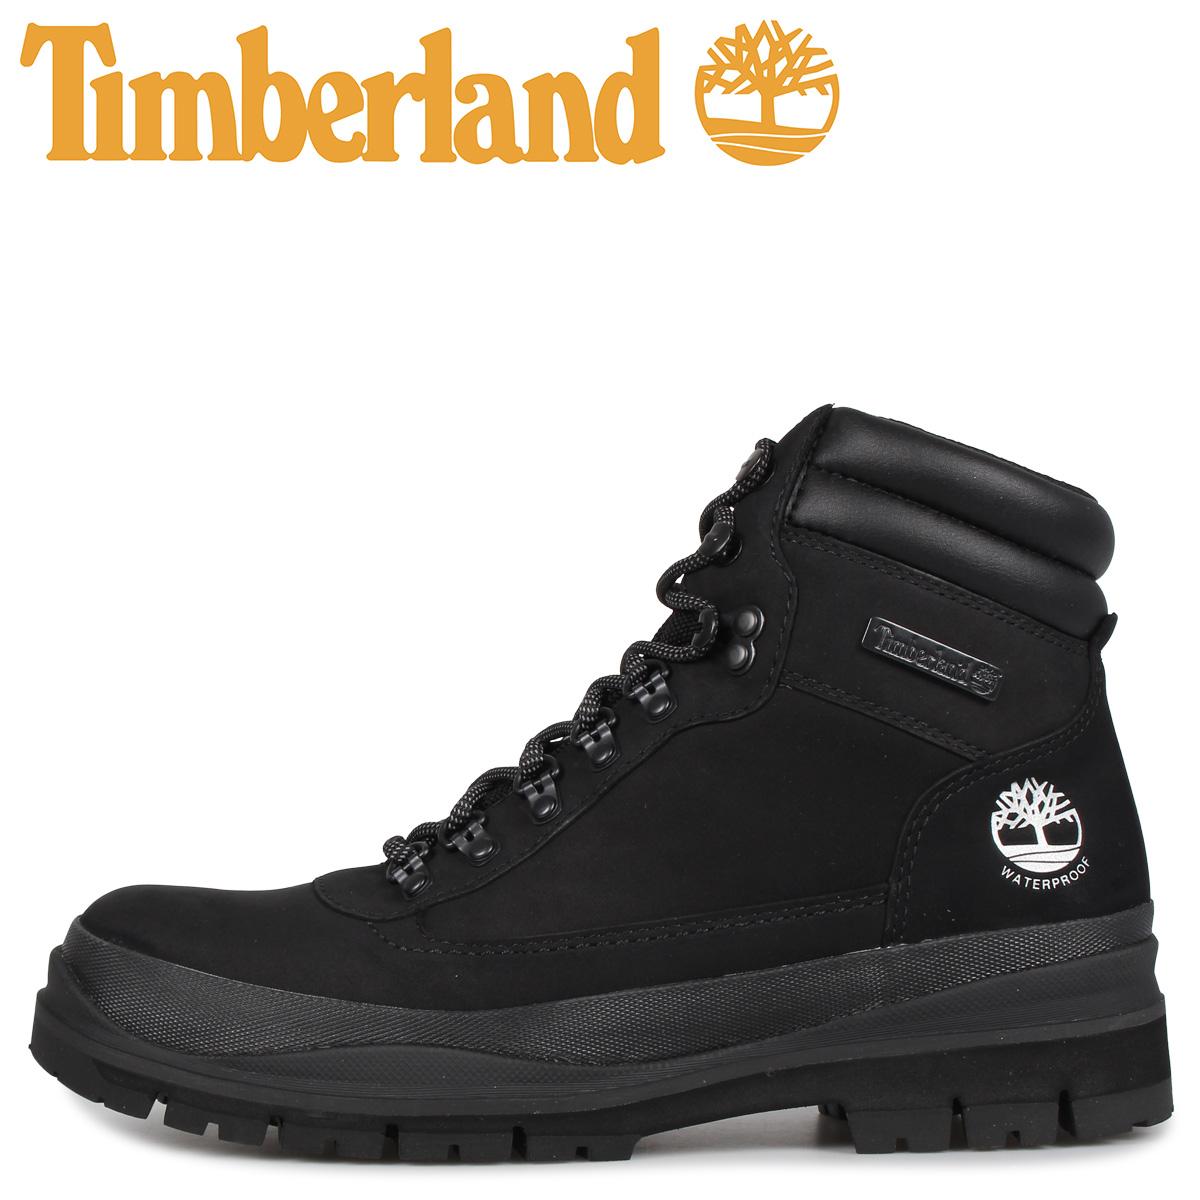 Timberland ティンバーランド ブーツ メンズ ウォータープルーフ フィールドトレッカー FIELD TREKKER ブラック 黒 A1YWV